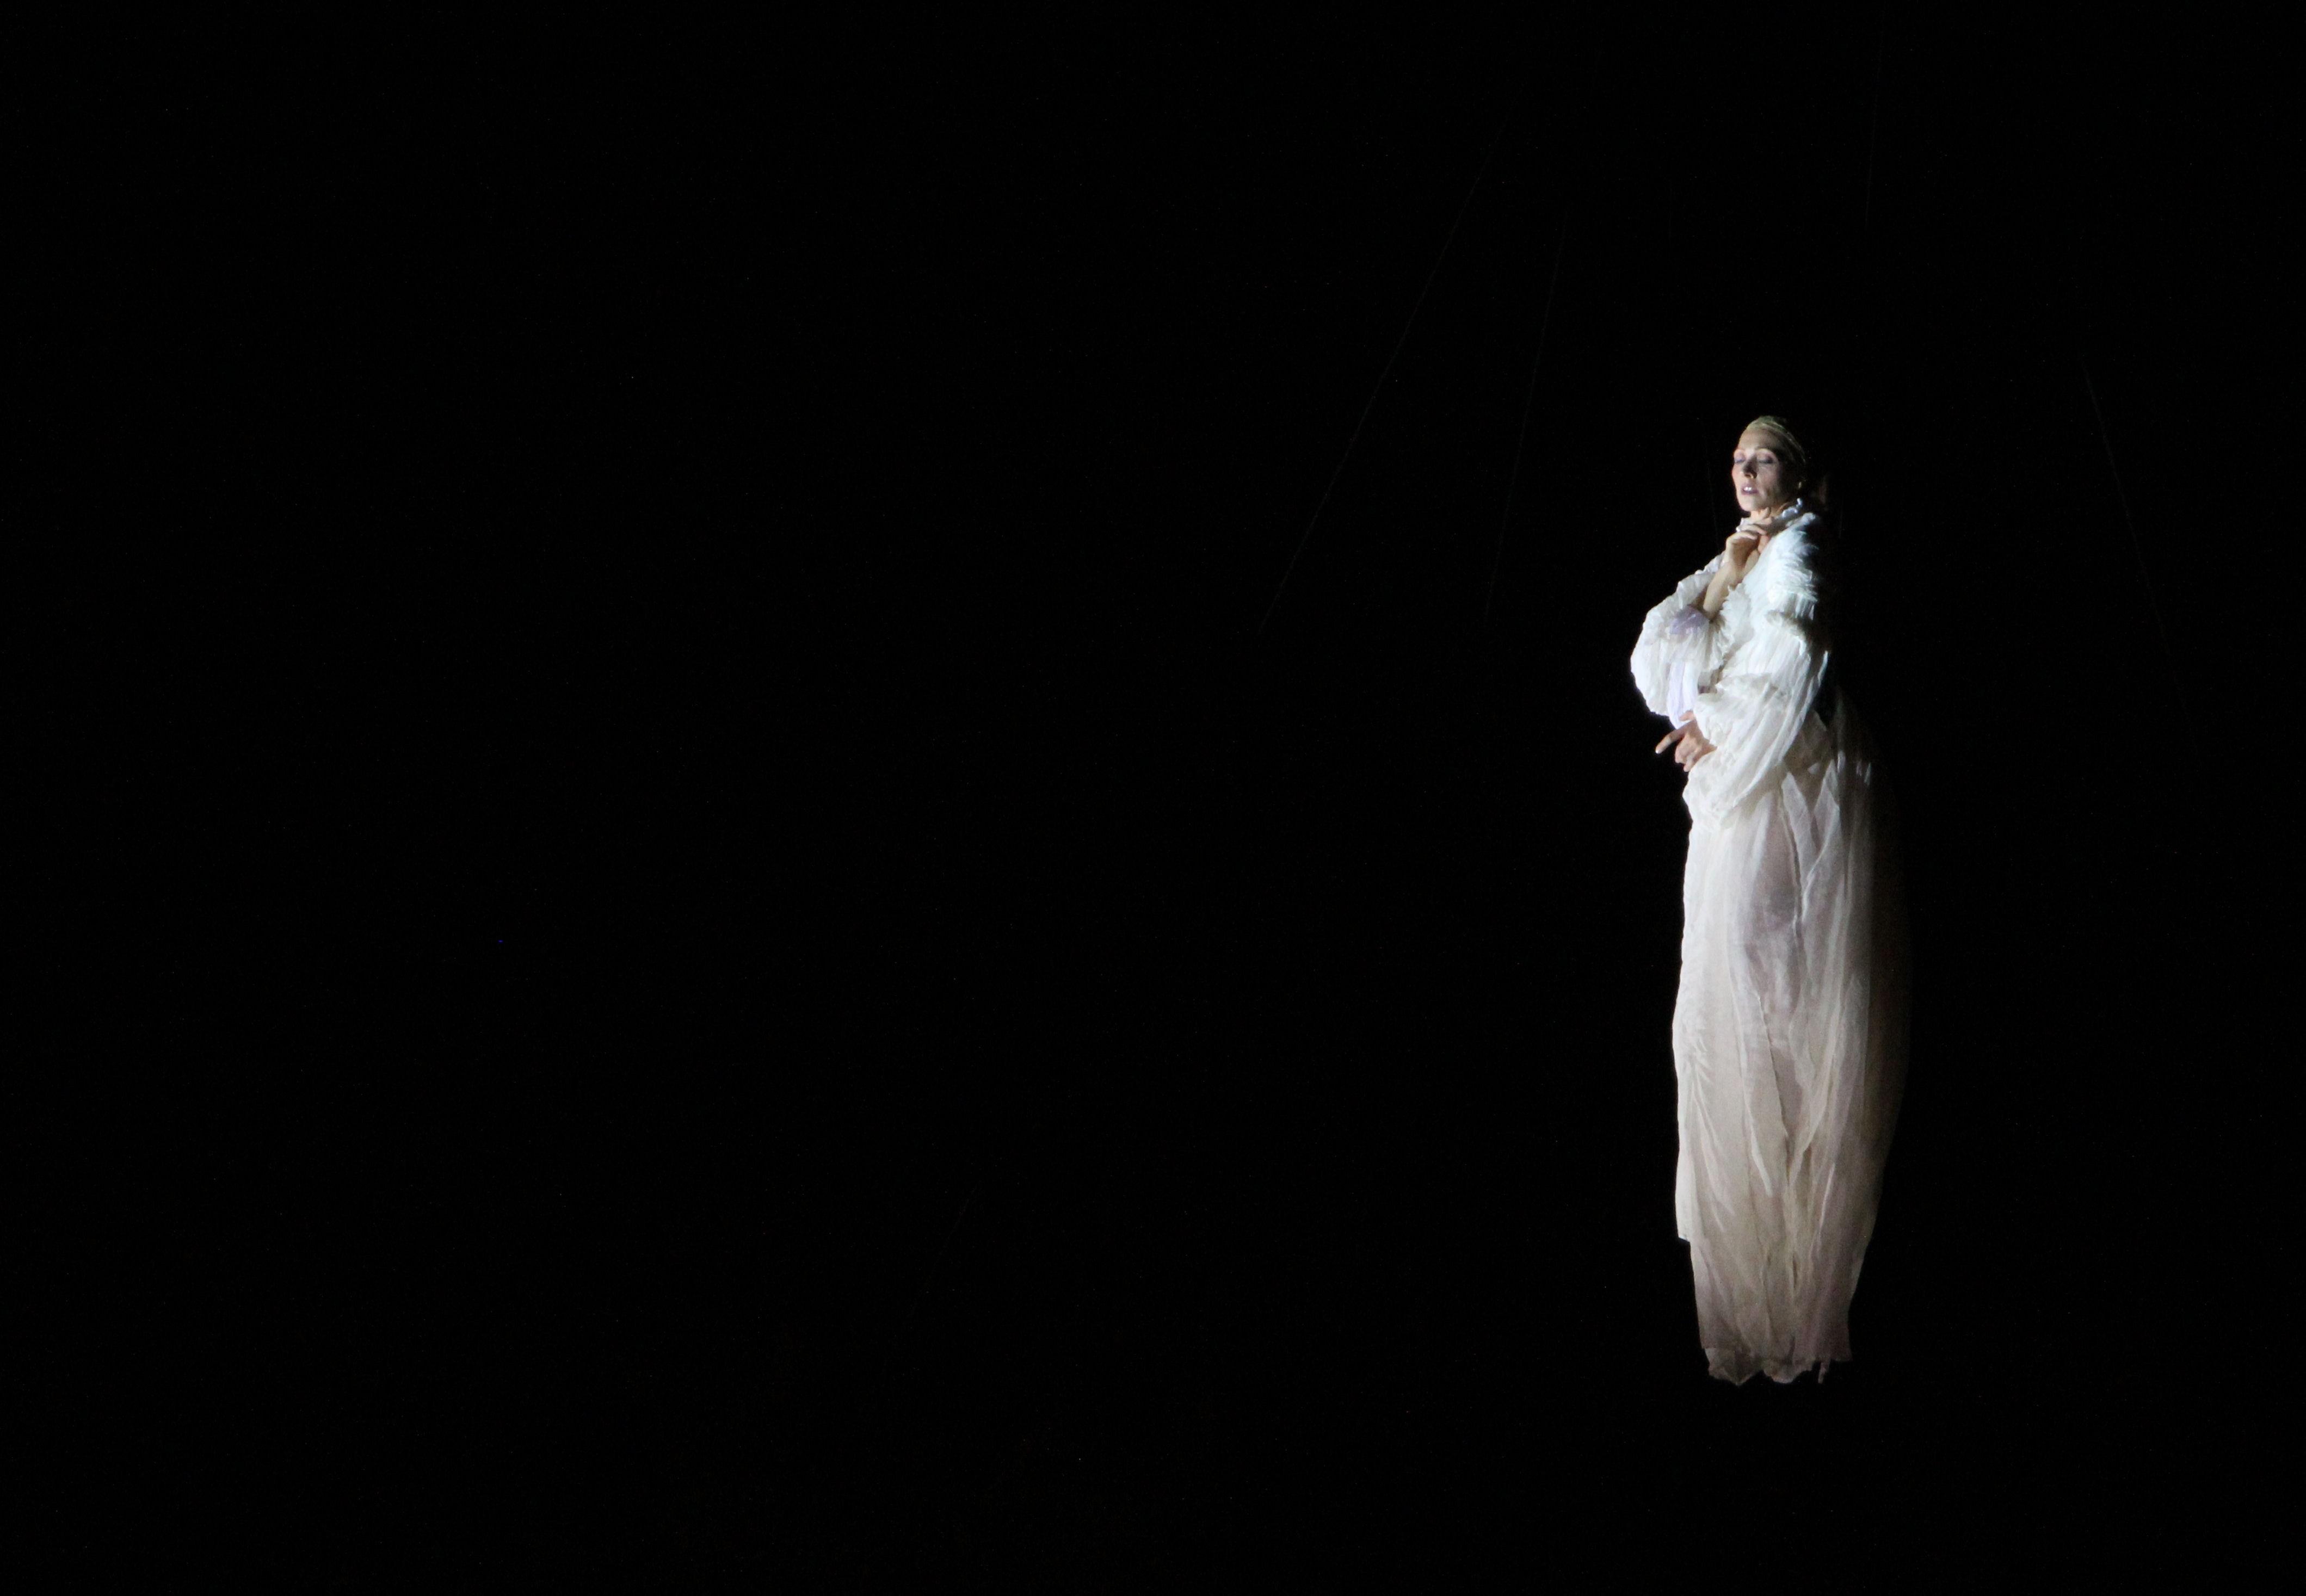 82 Gambar Hantu Wanita Gratis